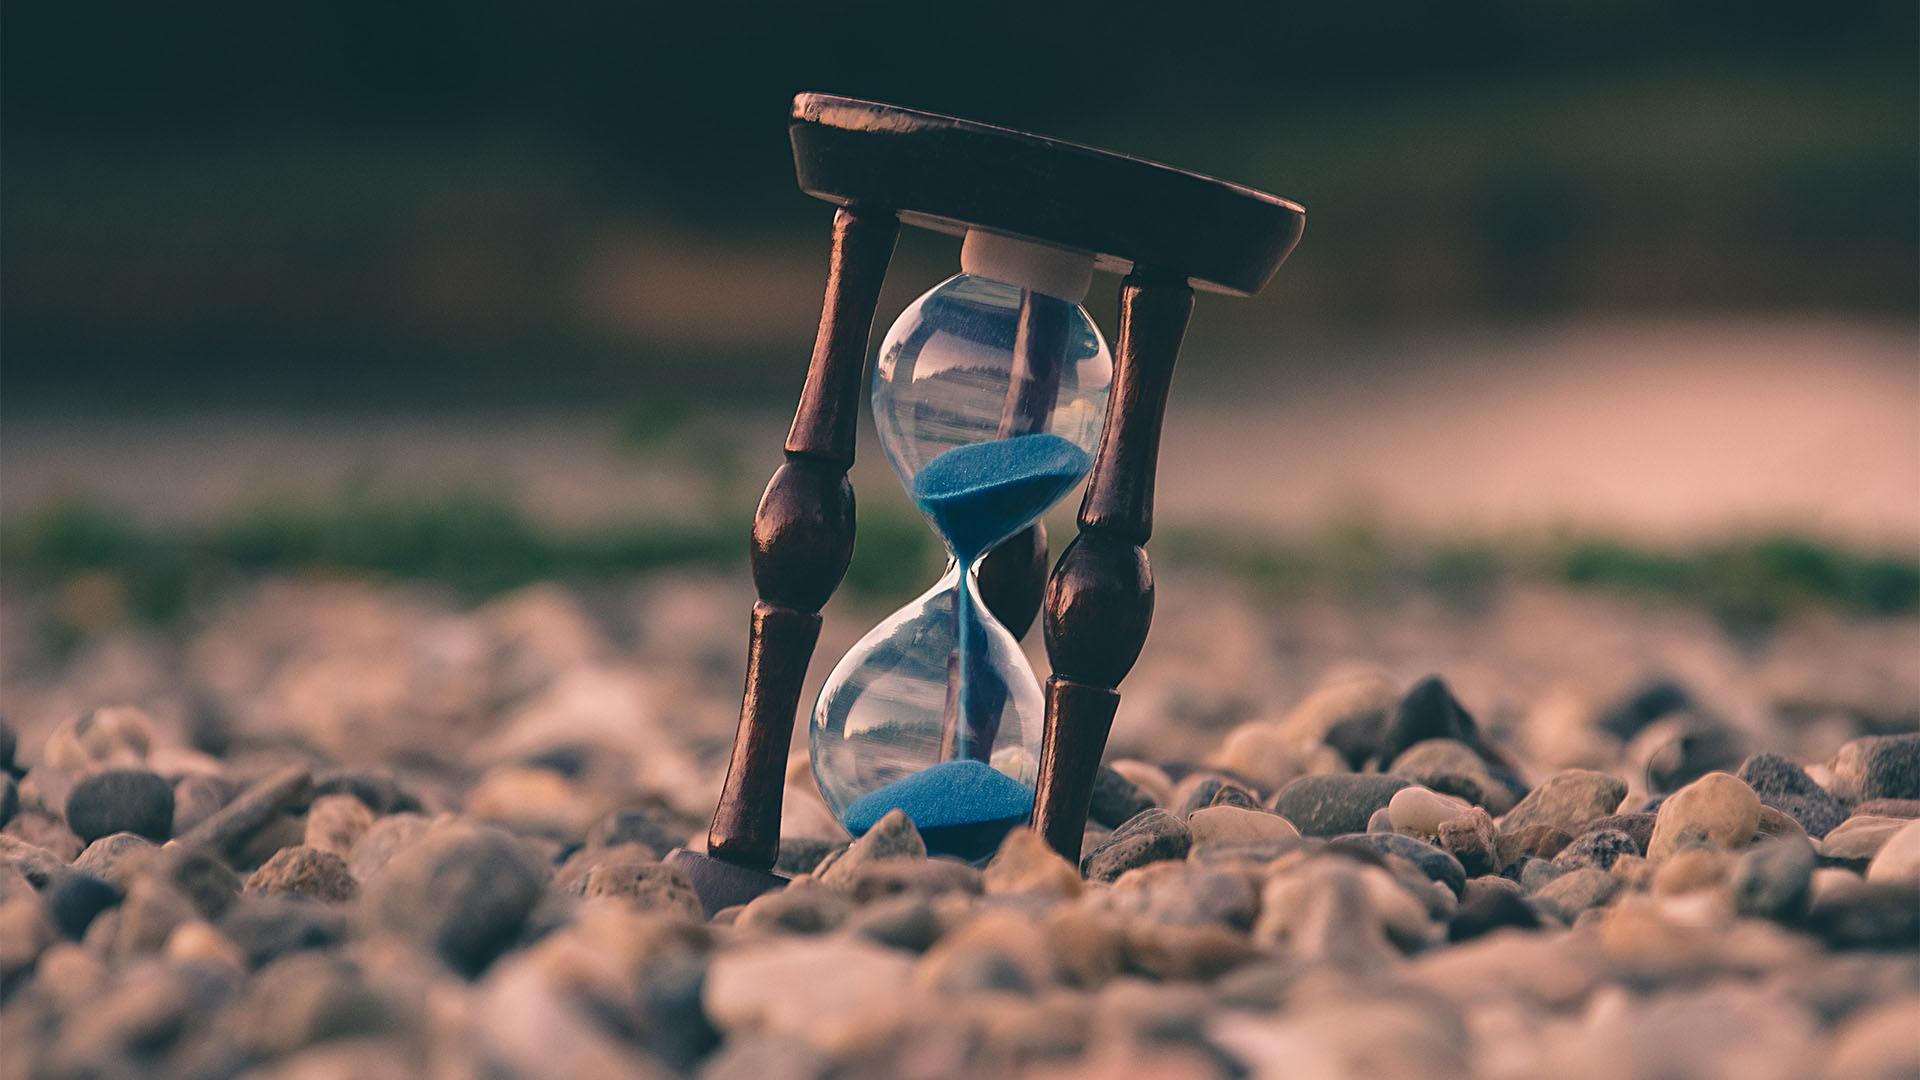 песочные часы. что будет после смерти